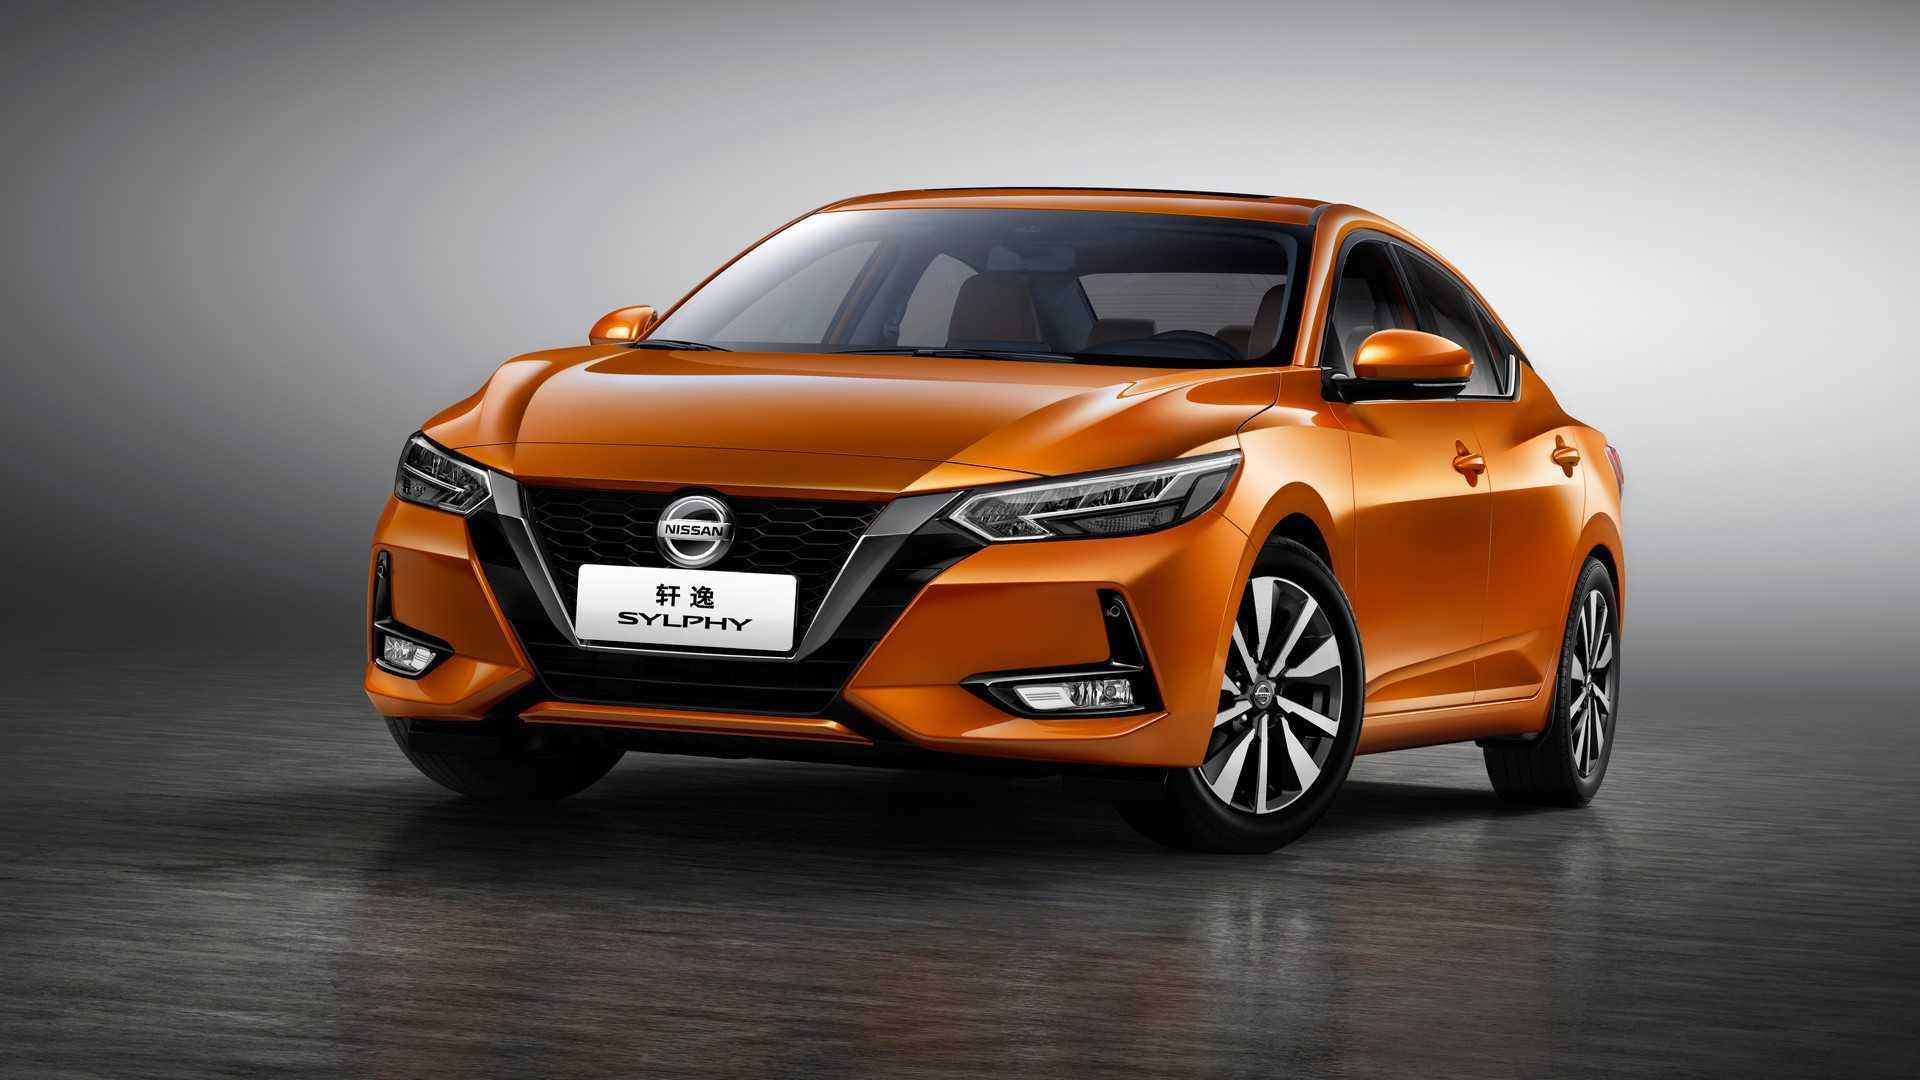 2019年轿车销售排行_为中国消费者量身打造的大众朗逸,这款车究竟怎么